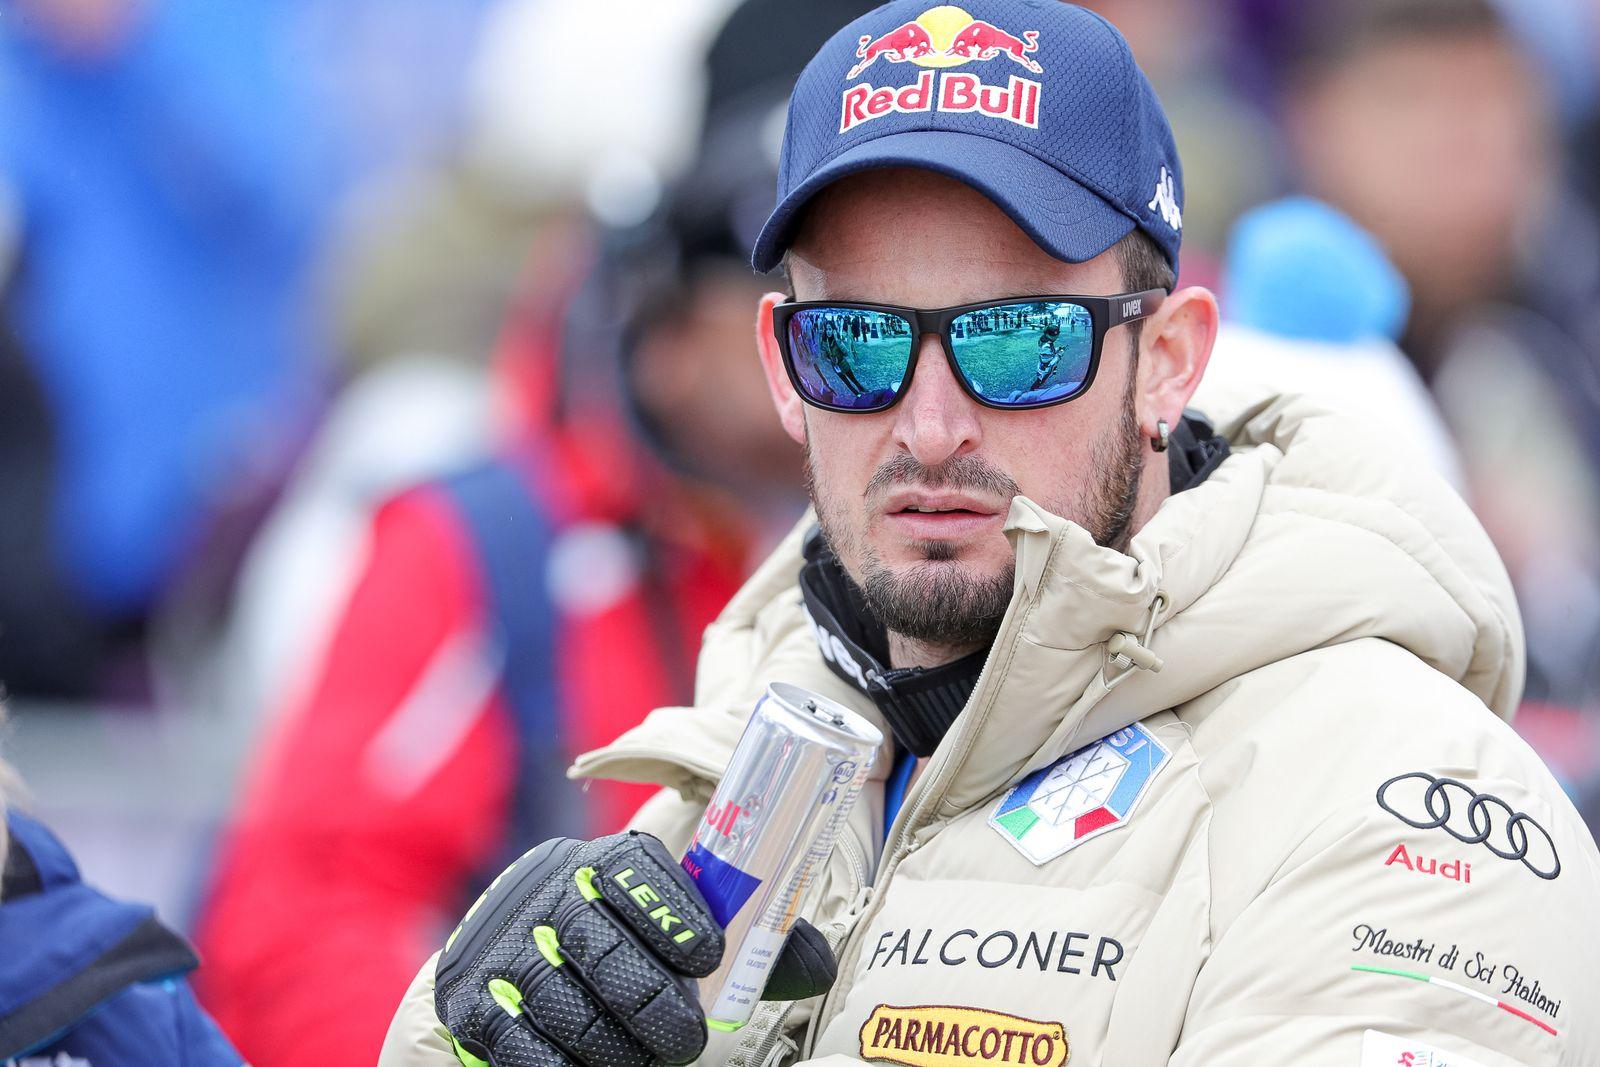 EINMALIGE VERWENDUNG/ Expiren zum 02.01.2025/ Fernsehrat stoppt Schleichwerbung bei Ski